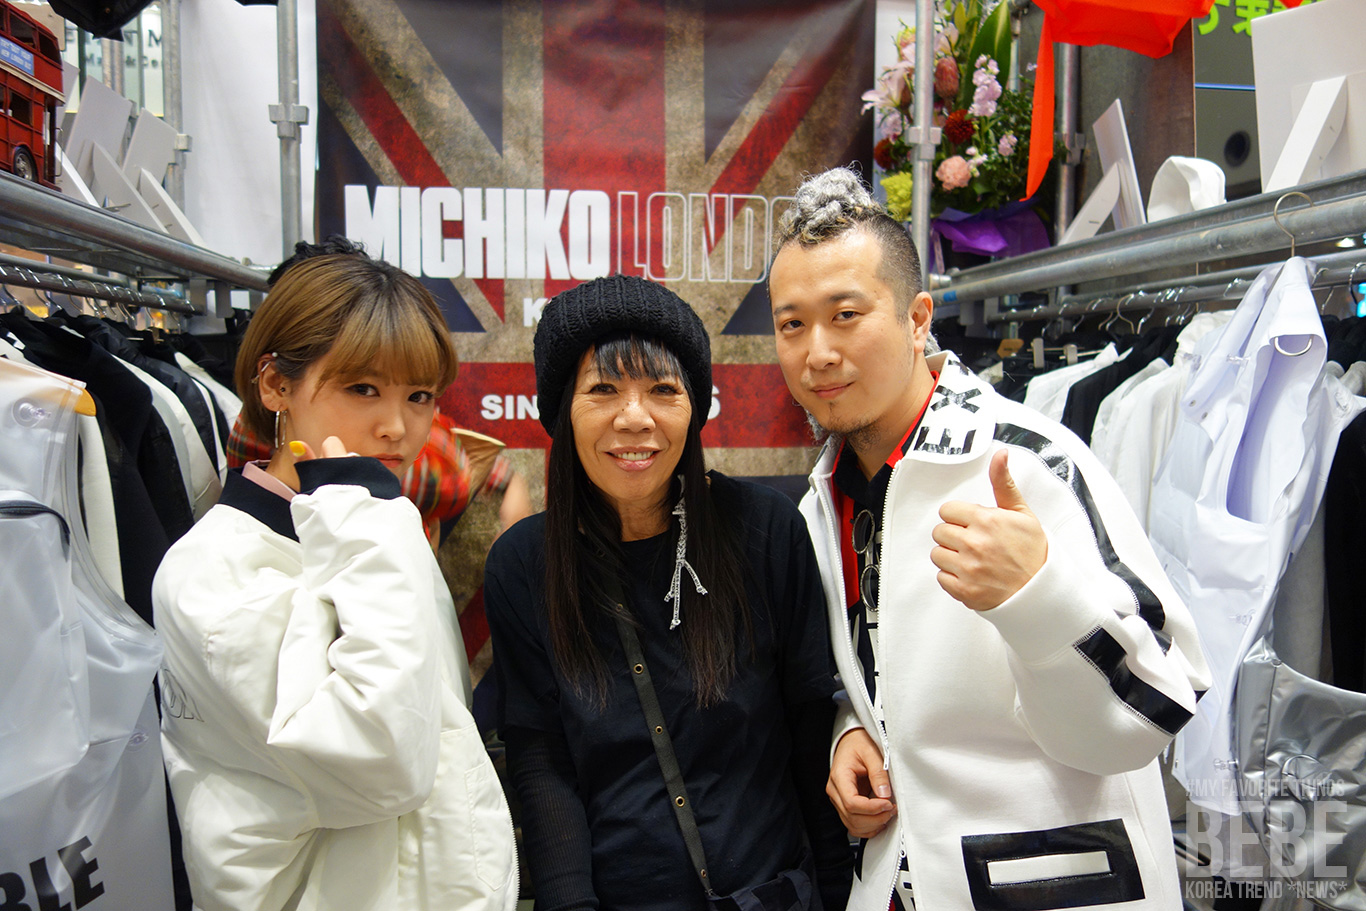 韓国トレンド情報サイトBEBE 原宿 MICHIKO LONDON